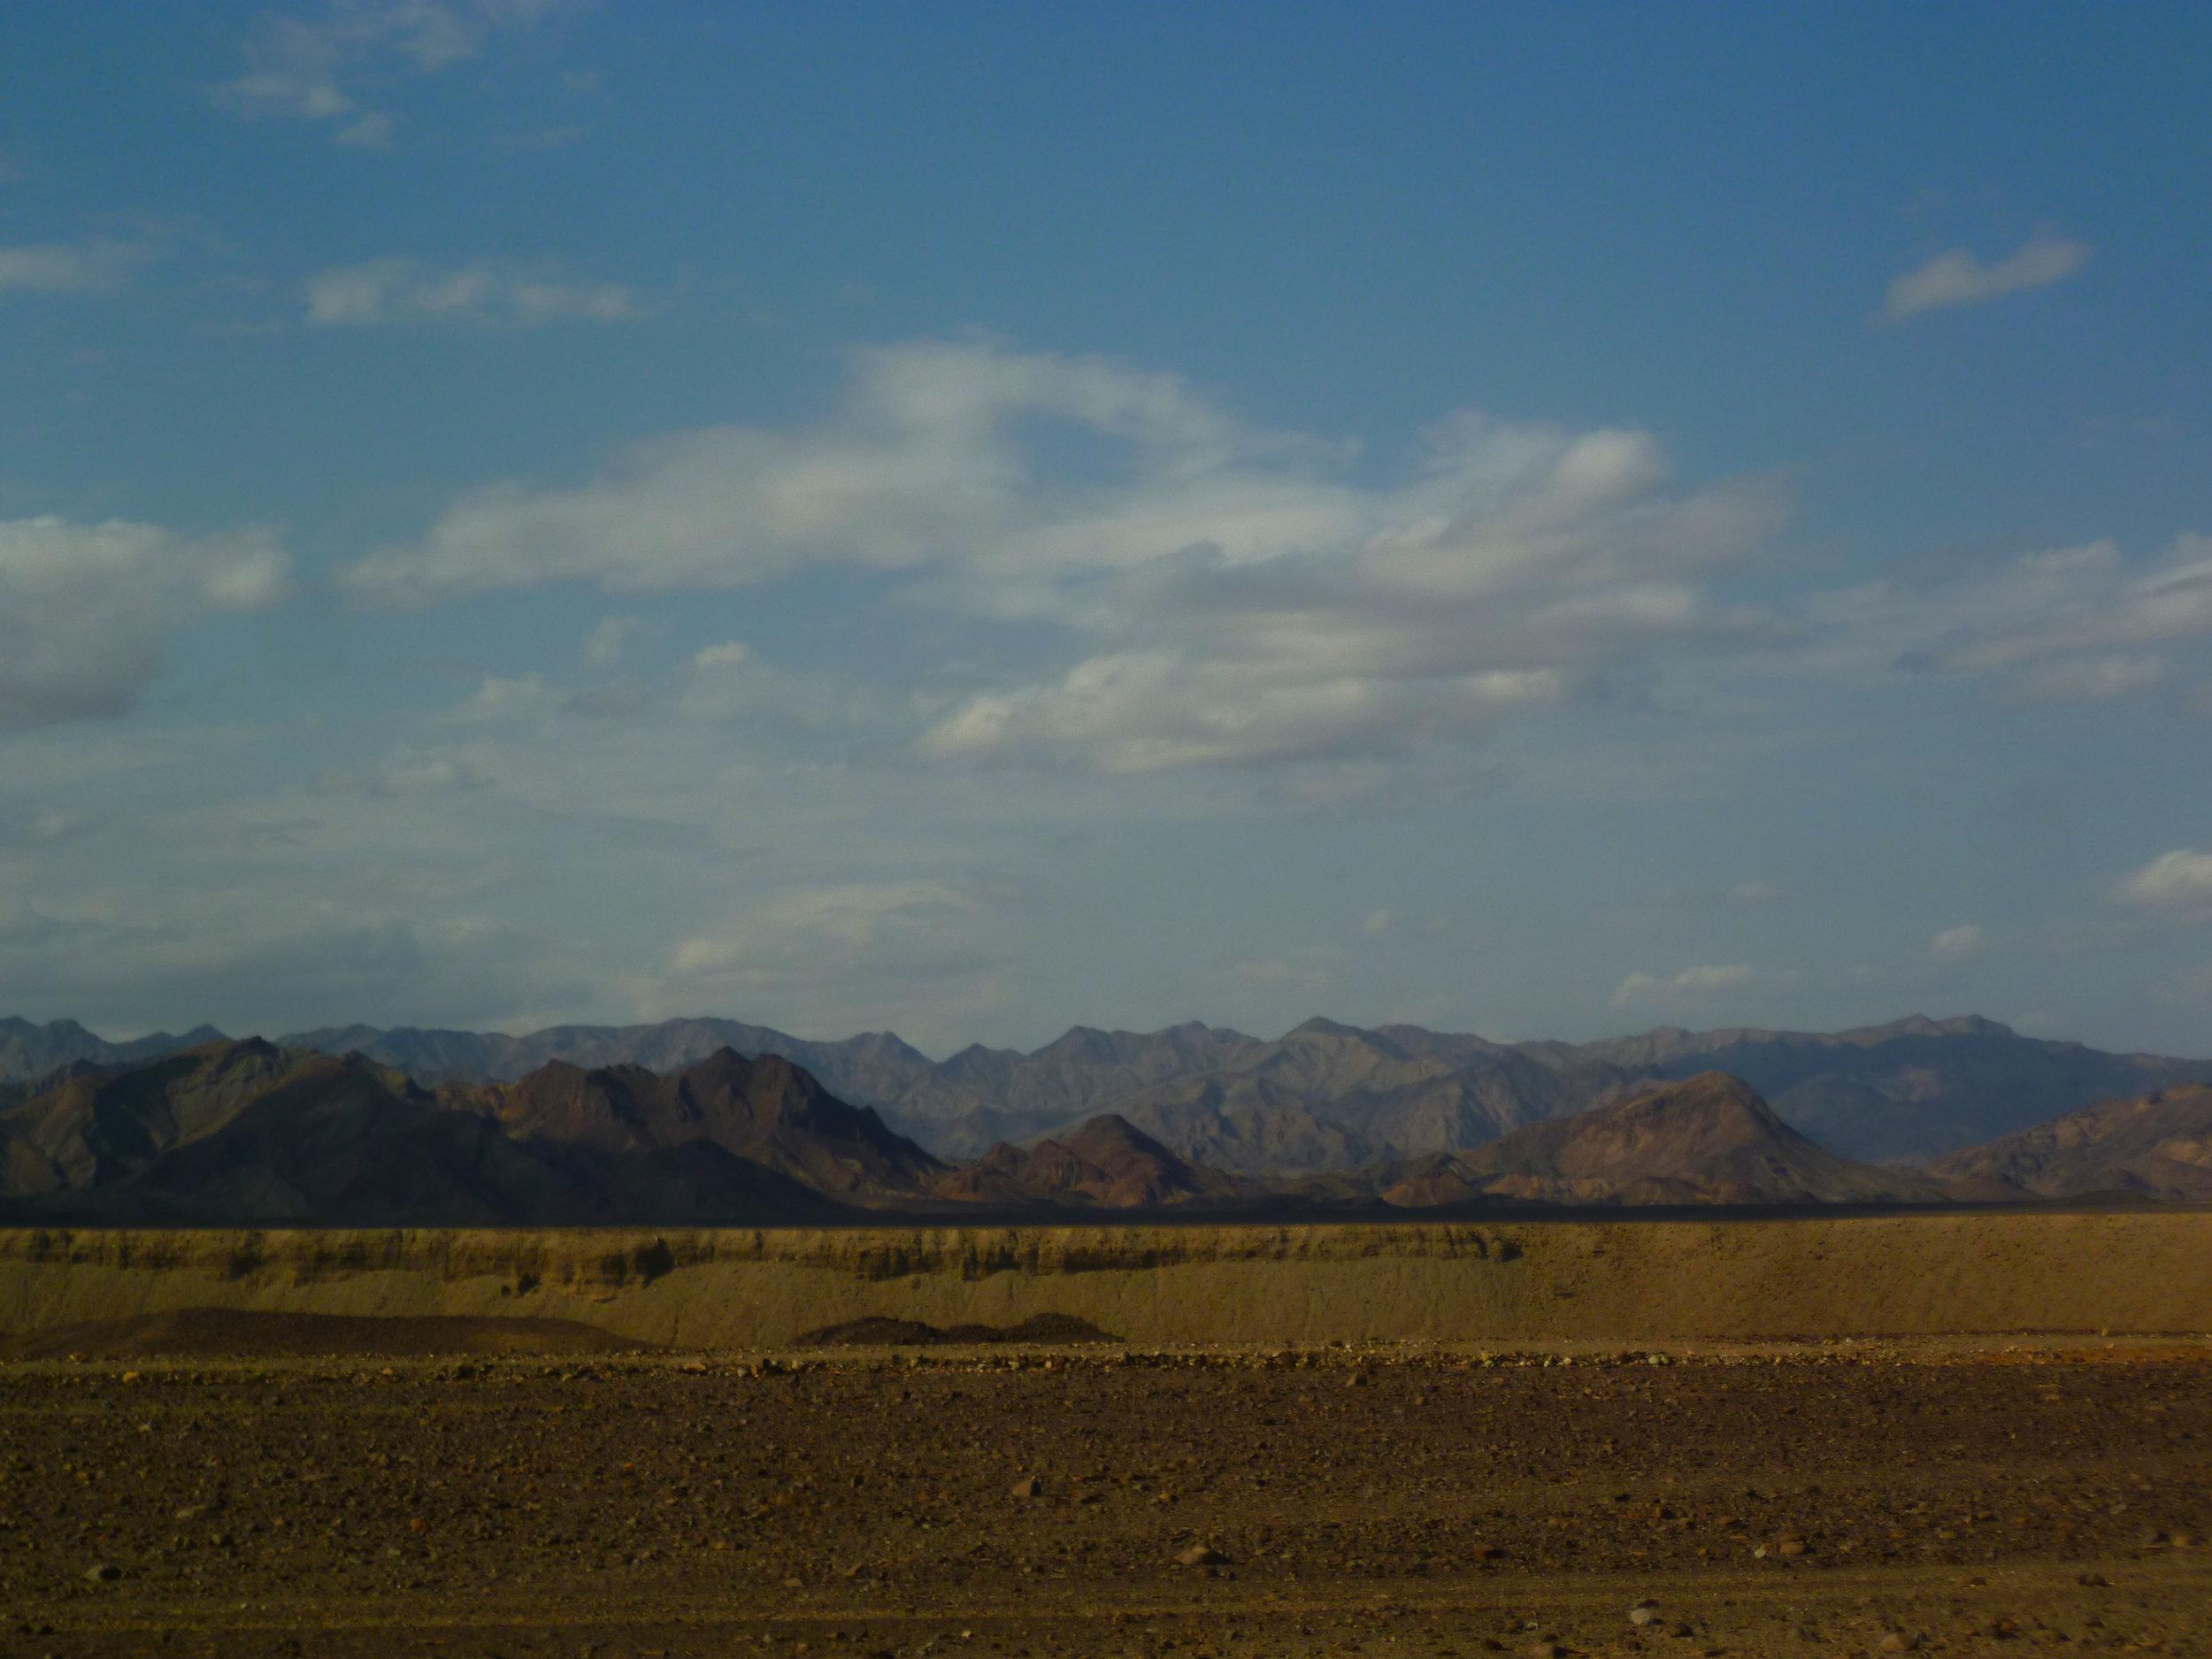 Getting dustier as we get closer to Mek'ele...